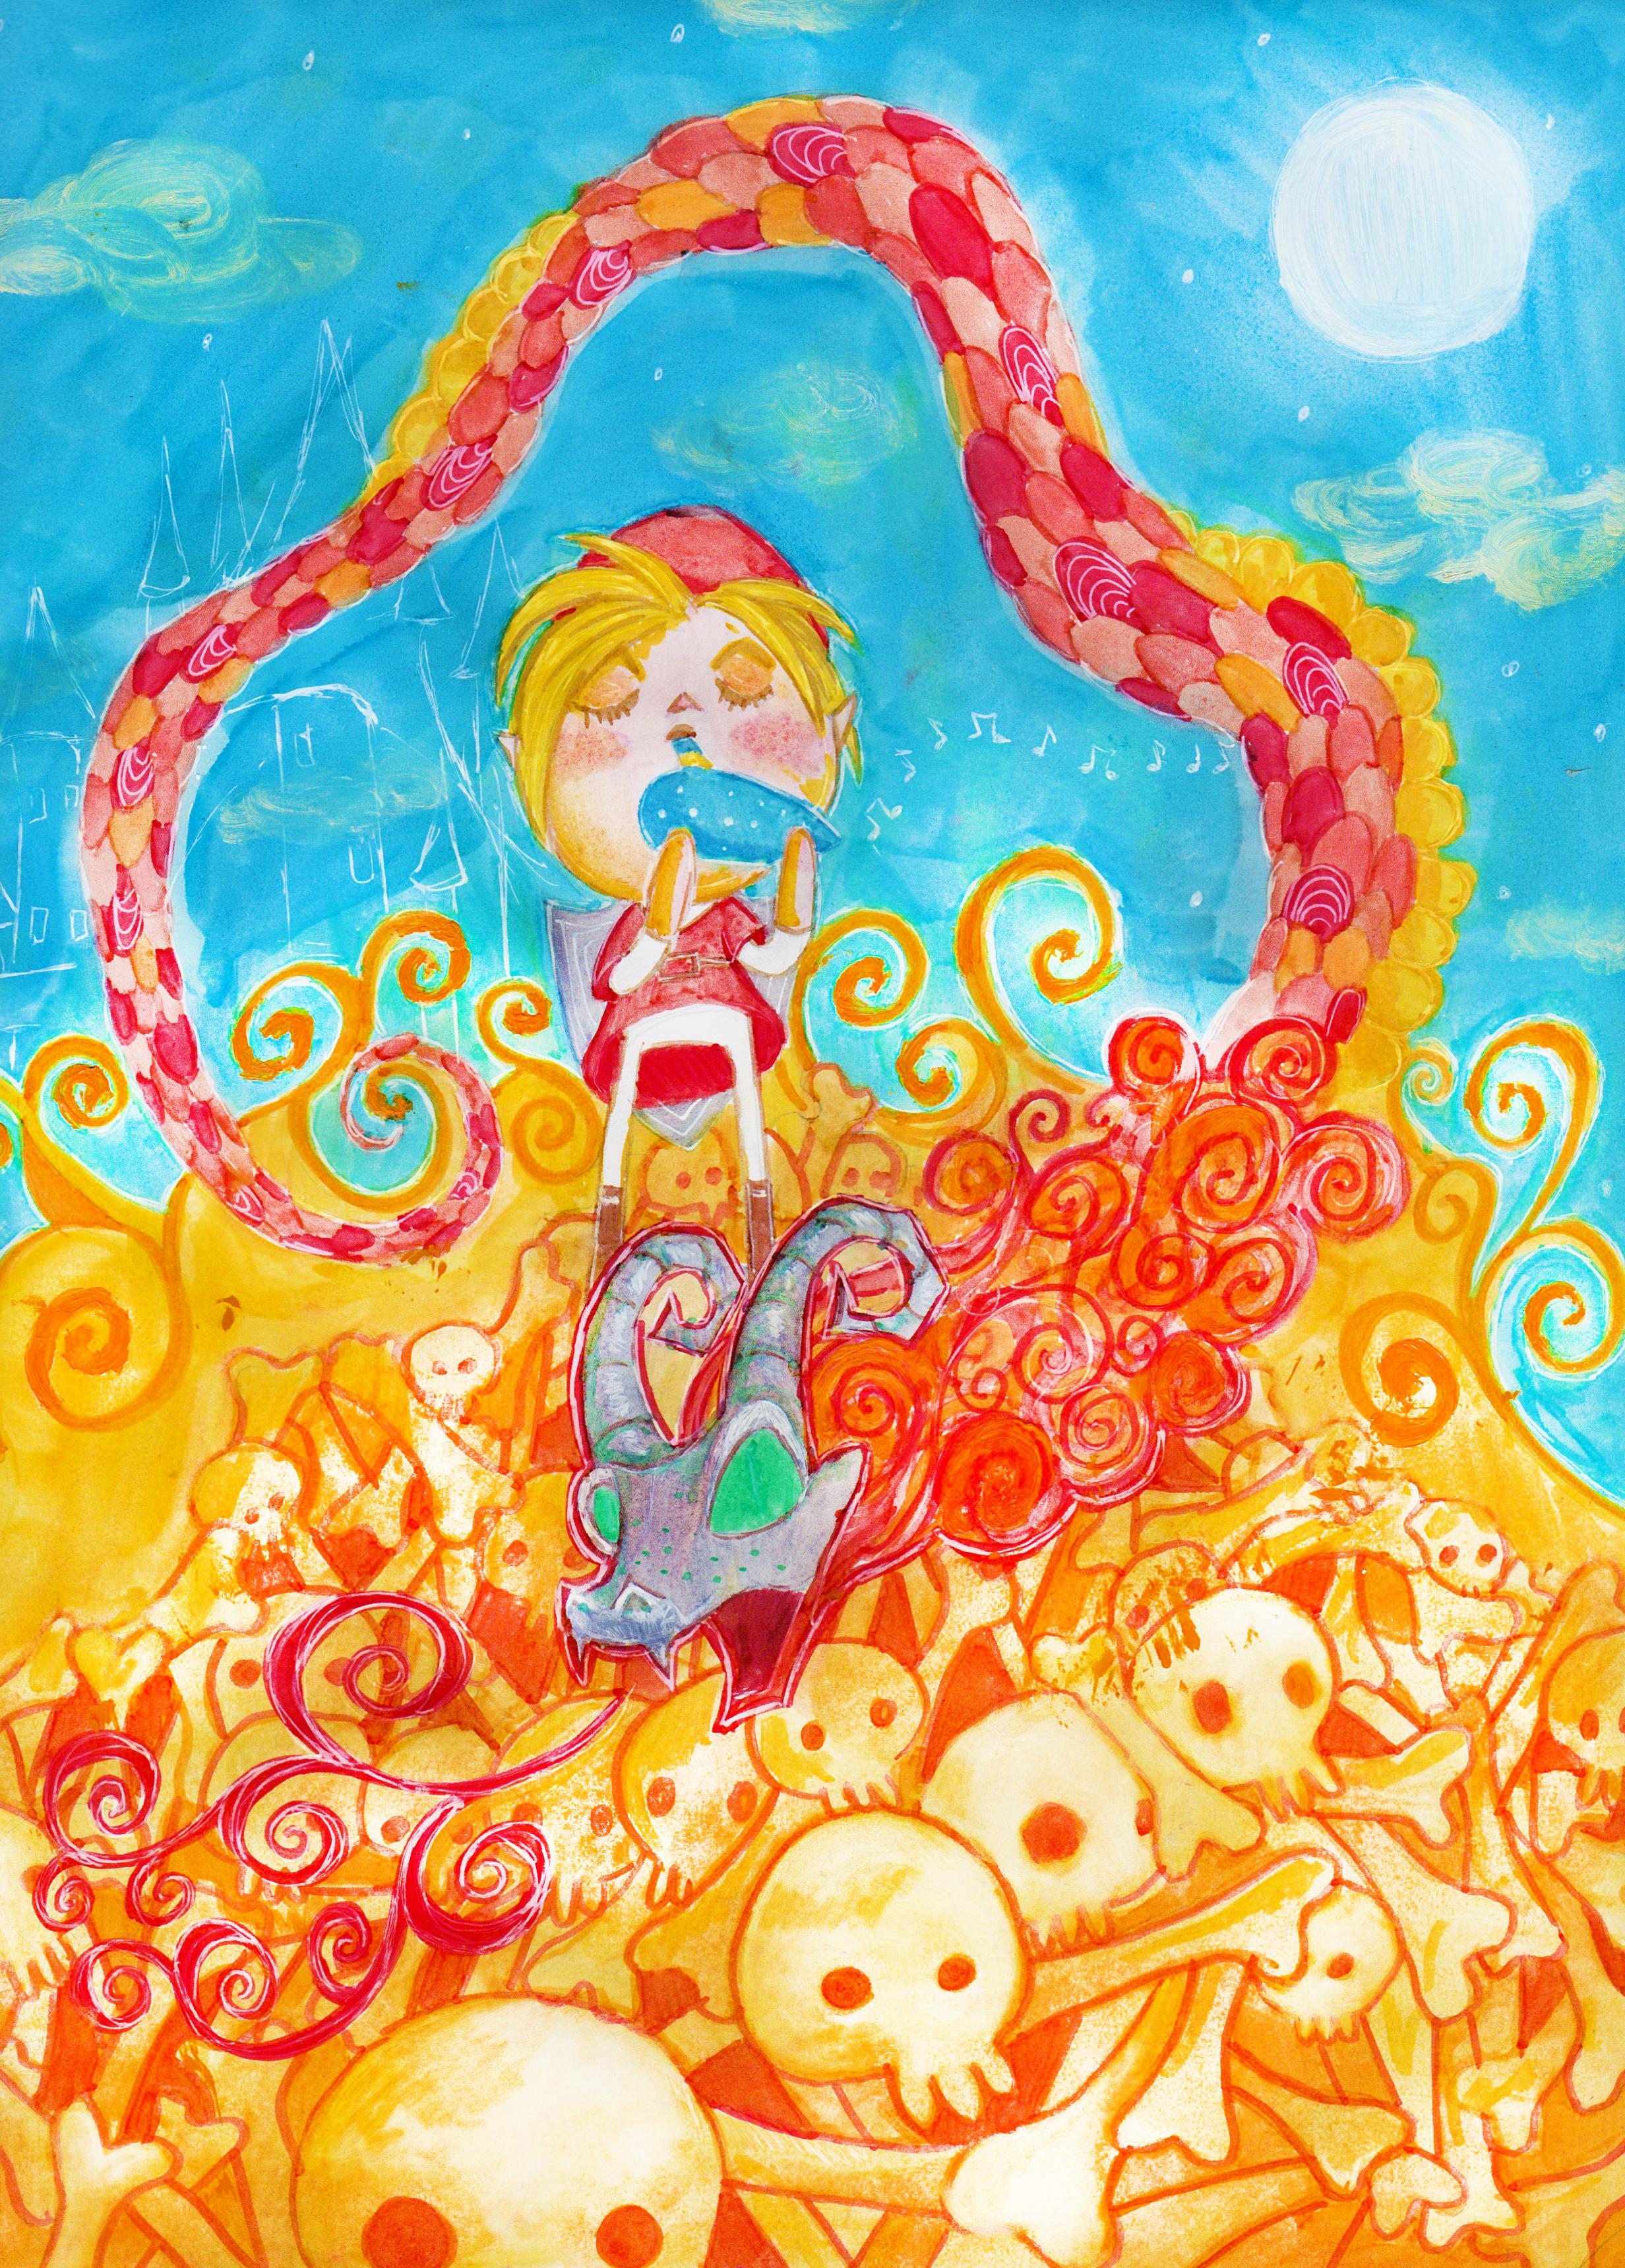 Bolero of Fire